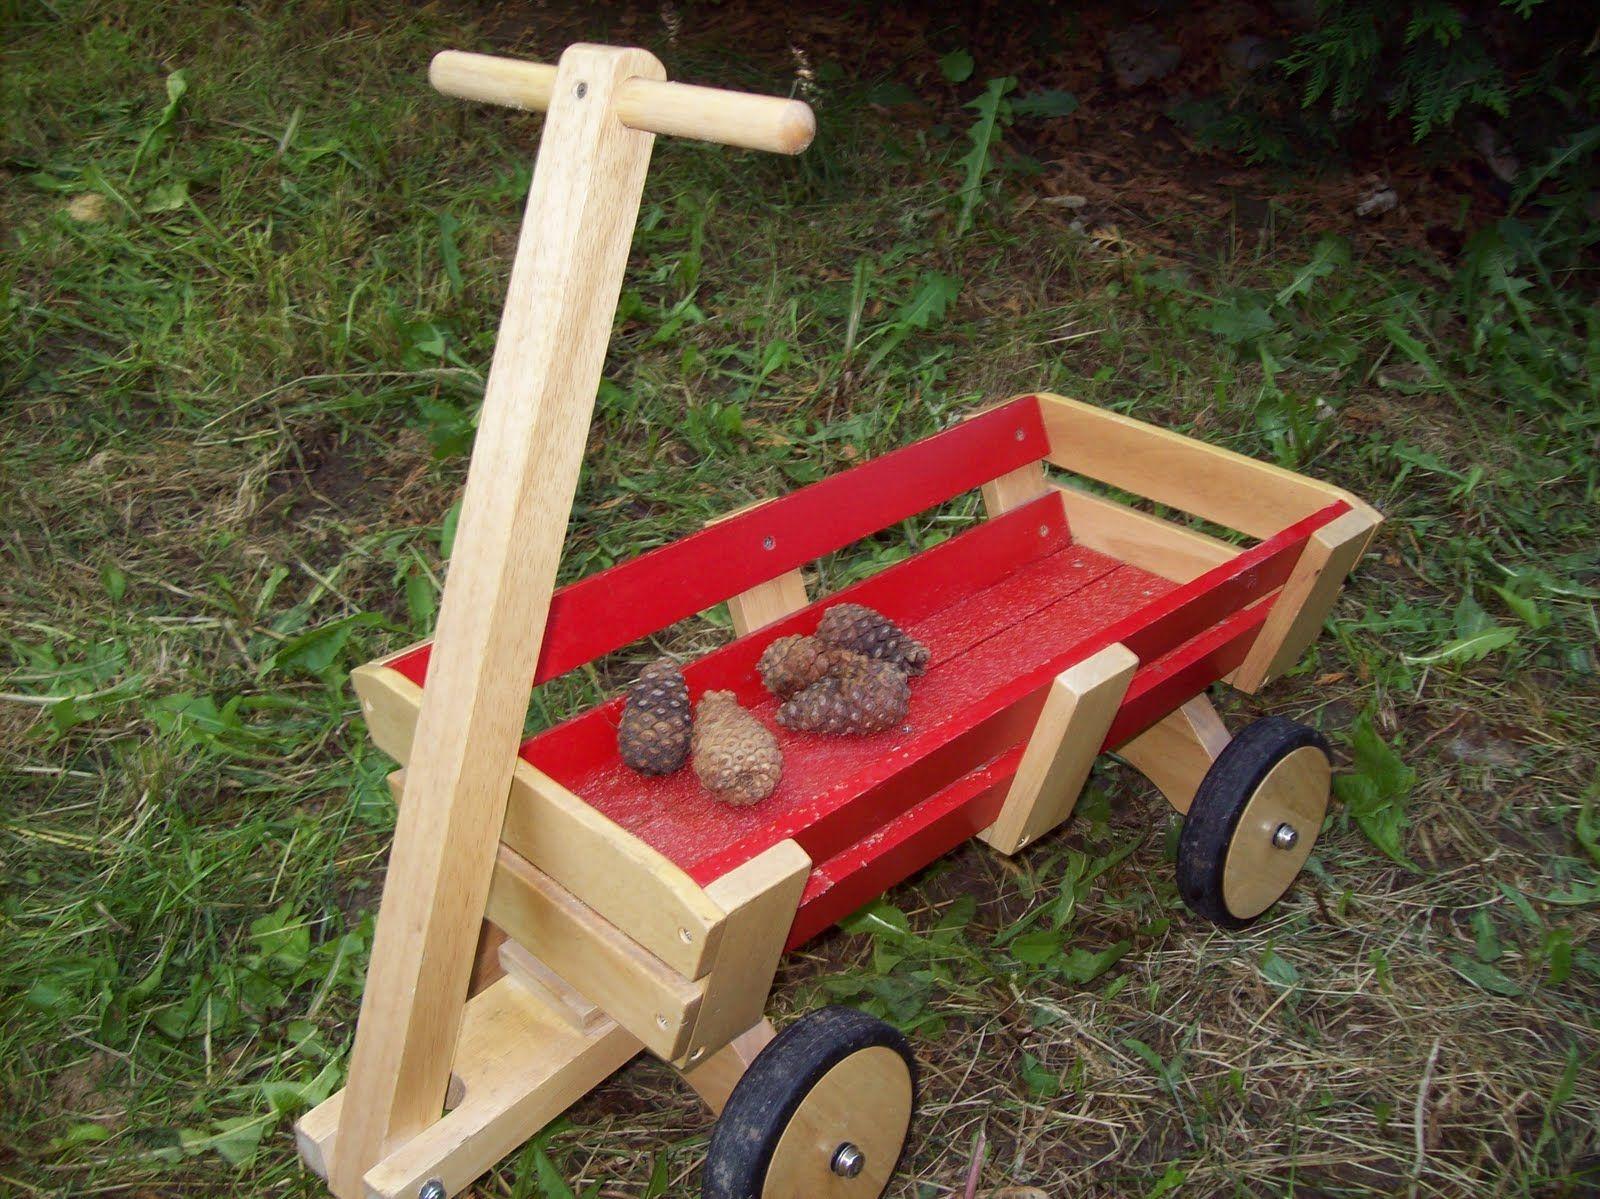 Sedia A Dondolo Per Bambini Mista : Wood toys wooden wagons for kids giochi e bambole